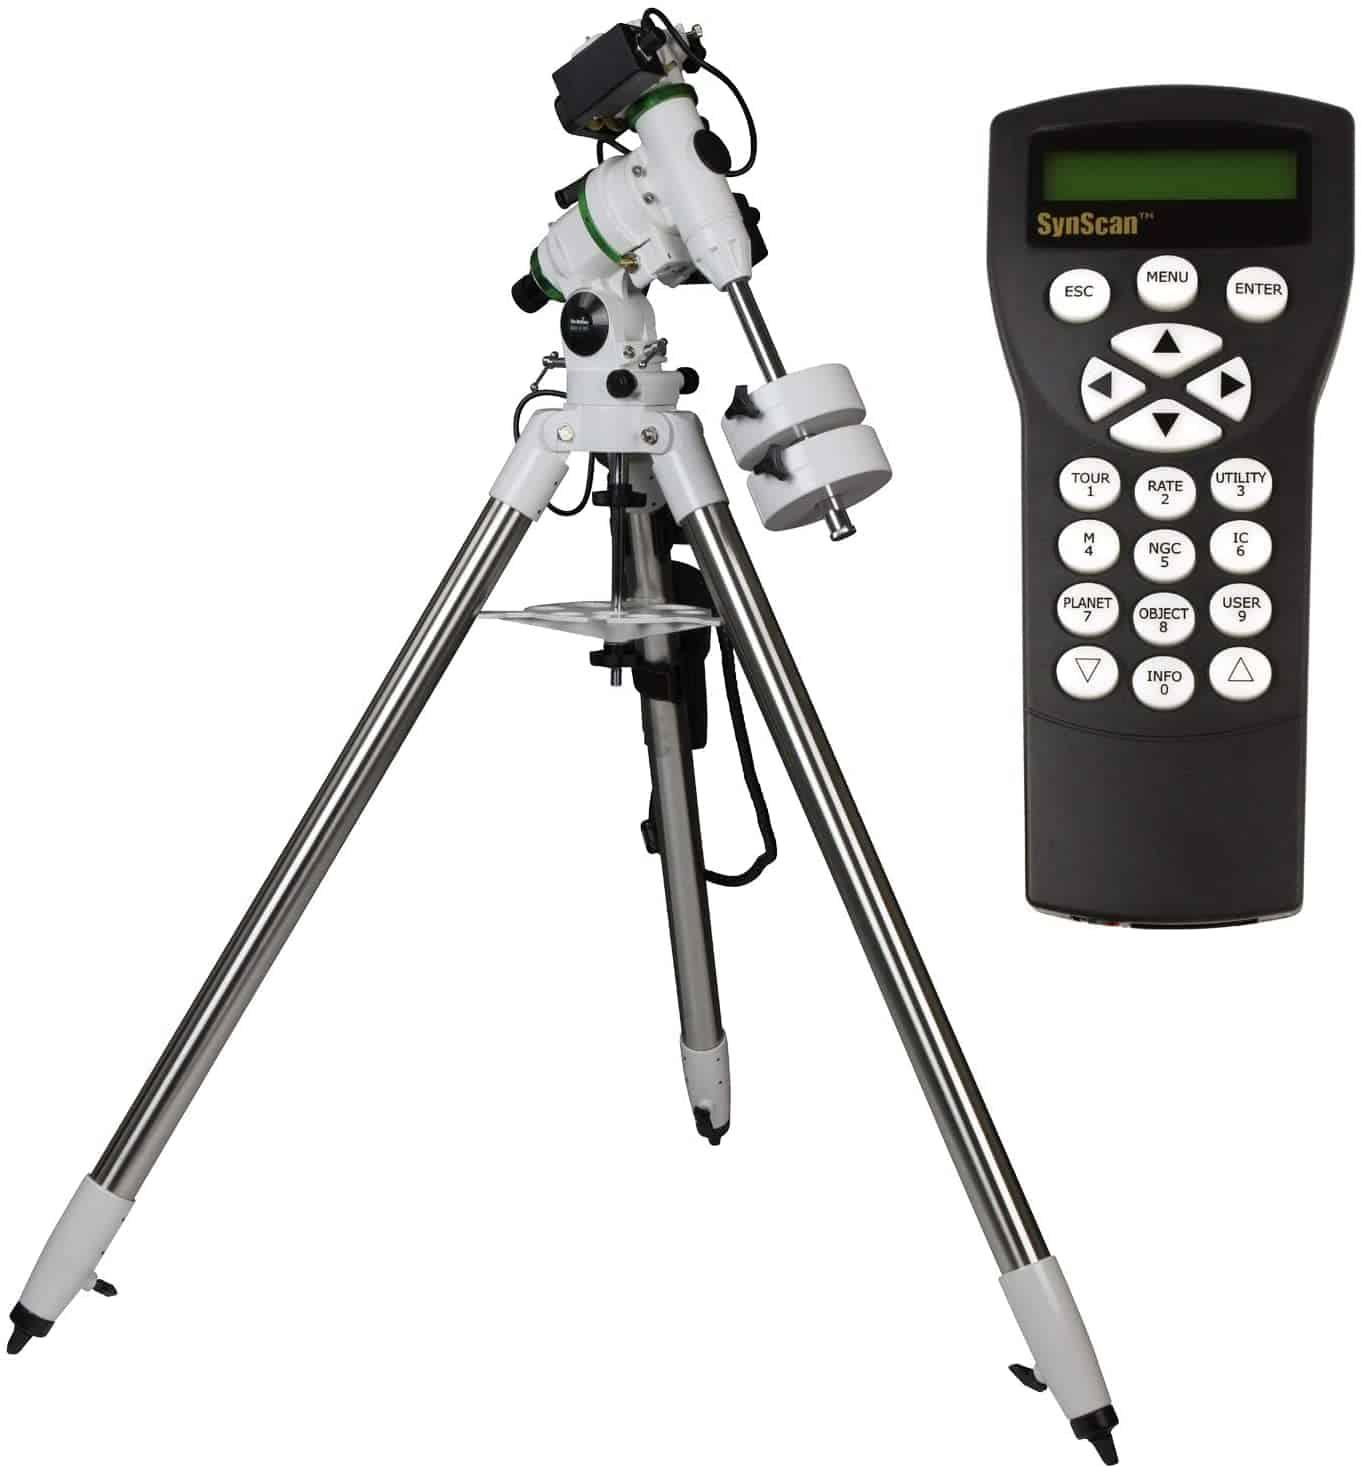 Sky-Watcher EQM-35 Telescope Mount